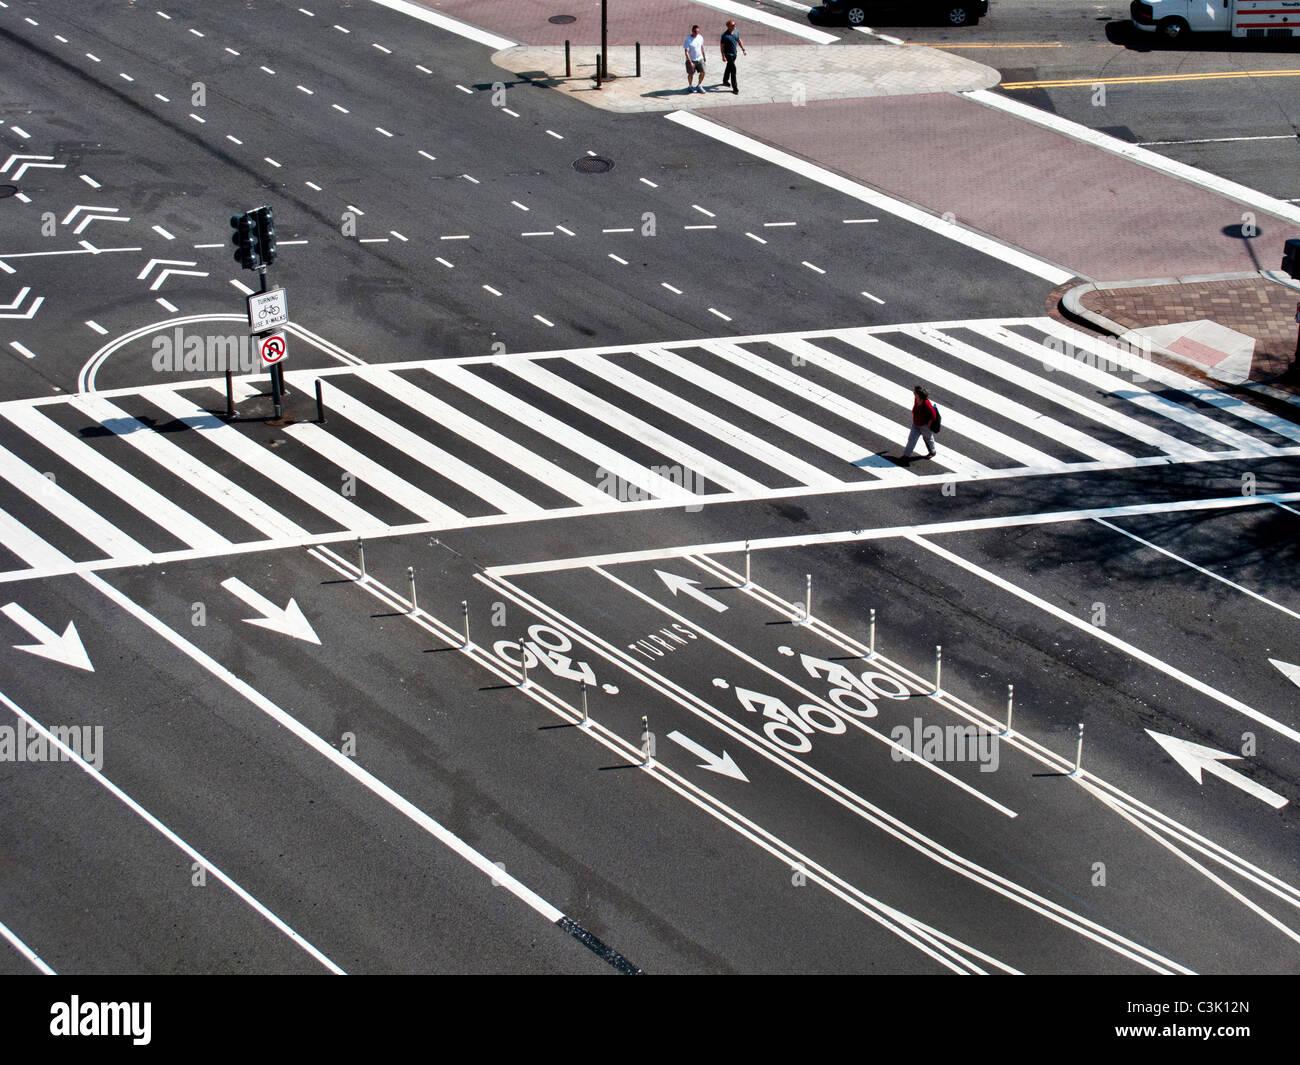 Fahrstreifen Richtung und einem Fußgänger Zebrastreifen auf Constitution Avenue in Washington, D.C. Stockbild